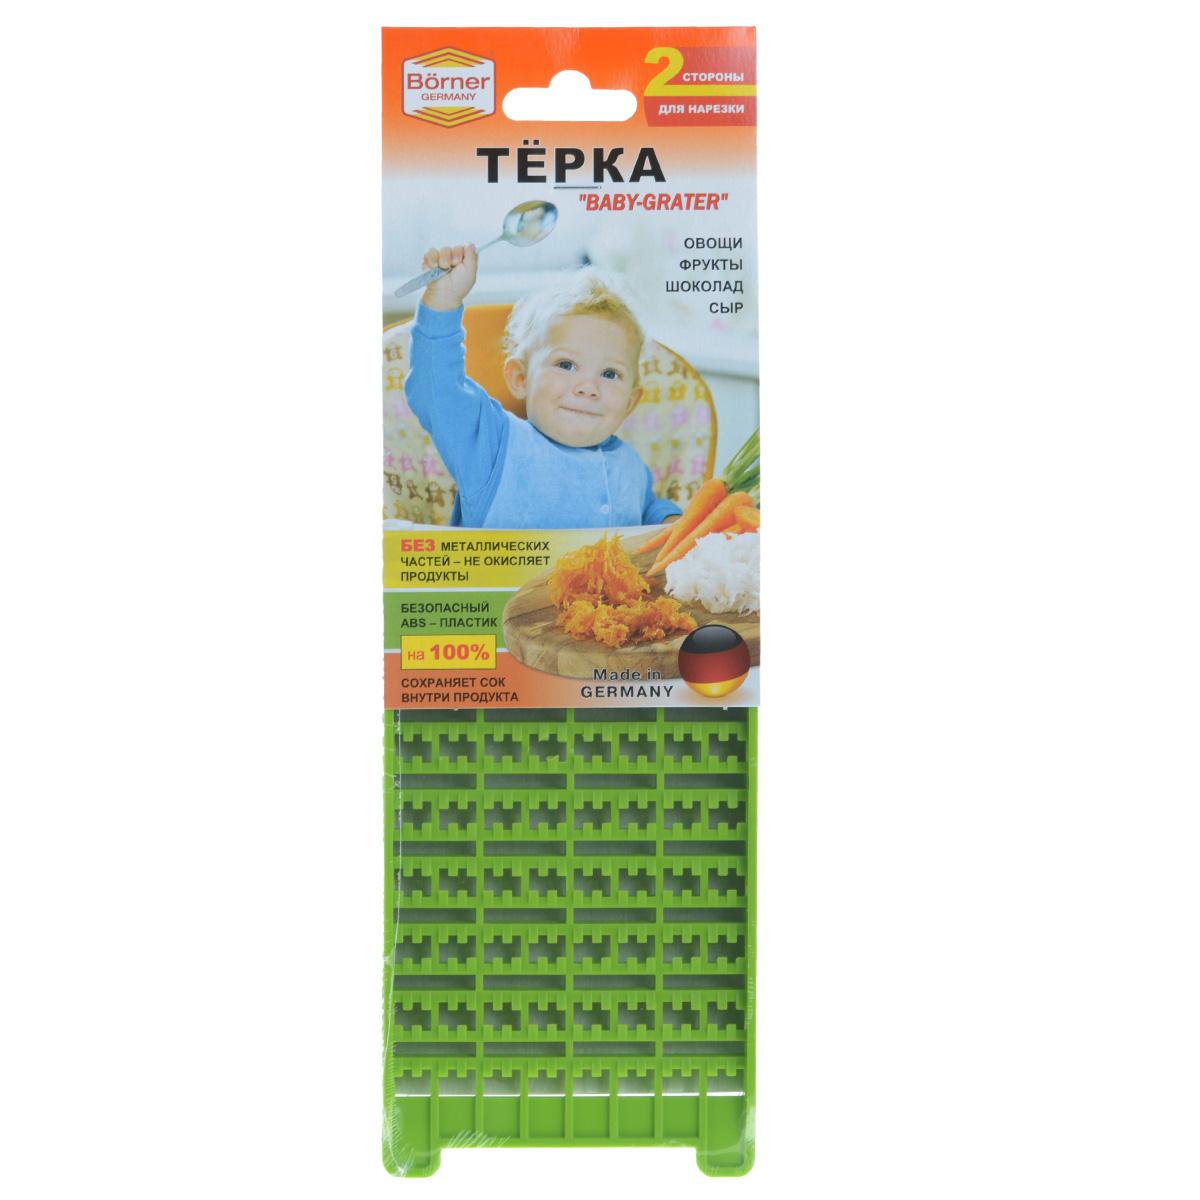 Терка Borner Baby-Grater, цвет: зеленый3810129Самое большое преимущество терки Borner Baby-Grater в том, что она не имеет металлических частей и не окисляет нарезаемый продукт. С этой теркой вы своими руками сделаете вкусное пюре или салаты из свежих овощей и фруктов для детского и диетического питания. Терка режет продукты, а не давит их, и вы будете иметь соки и витамины в салатах, а не на столе. Терка имеет рабочую поверхность с двух сторон: Сторона с крупными зубцами: Сыр, чеснок, сельдерей, морковь, яблоко, свекла, редис, шоколад, цедра цитрусовых и т.п. перерабатываются в мягкую воздушную стружку для сырых овощных и фруктовых салатов. Сторона с мелкими зубцами предназначена для измельчения овощей, фруктов и прочих продуктов в пюре. Картофель на ней перерабатывается в пюреобразную массу для оладий. Размер терки: 24,5 см х 10 см х 1,5 см.